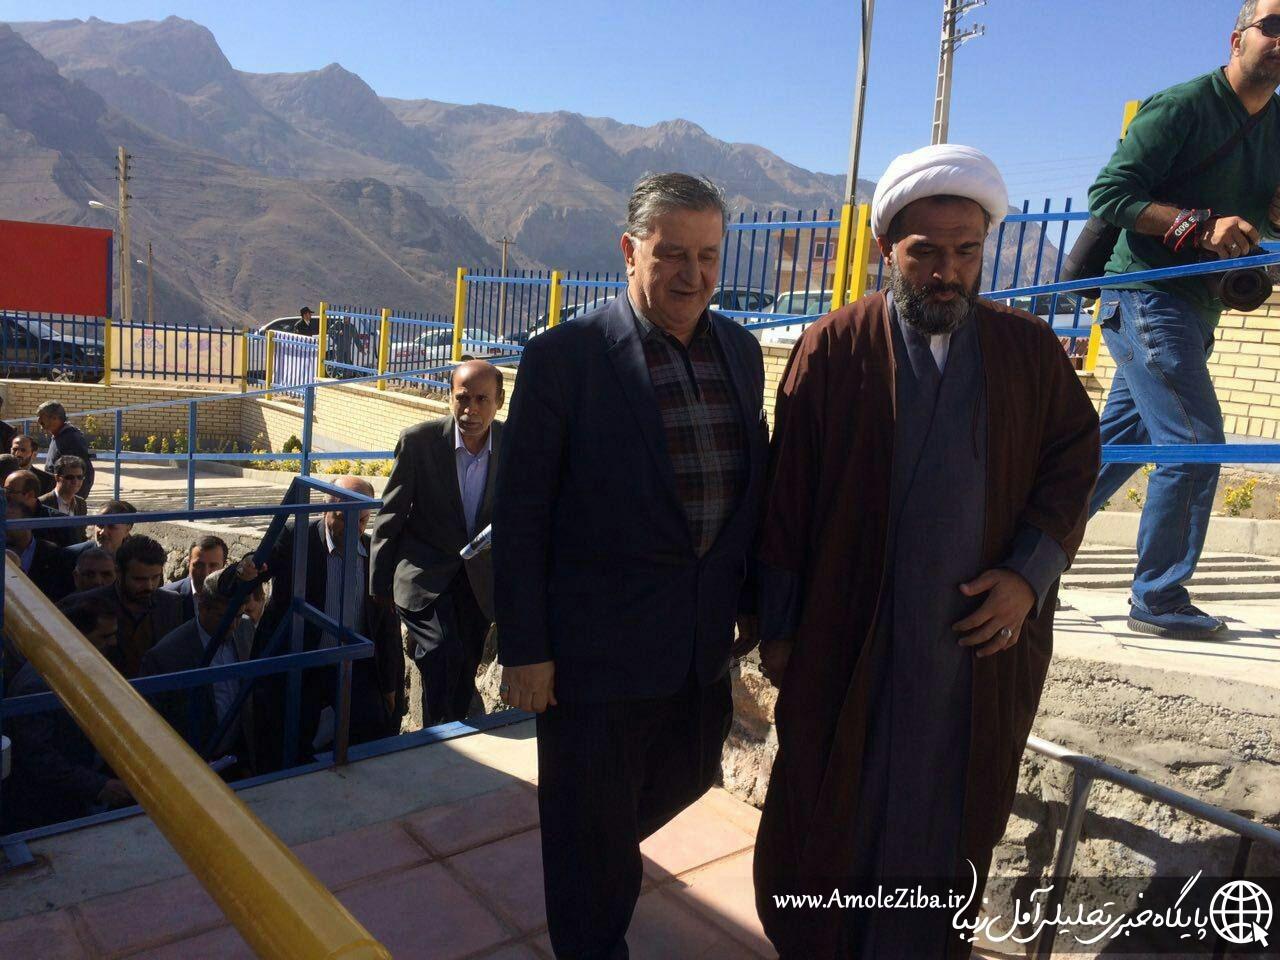 آمل زیبا گزارش می دهد ؛ سخنان حجت الاسلام شکری (امام جمعه بخش لاریجان) در حاشیه کلنک زنی ساختمان هواشناسی شهر رینه